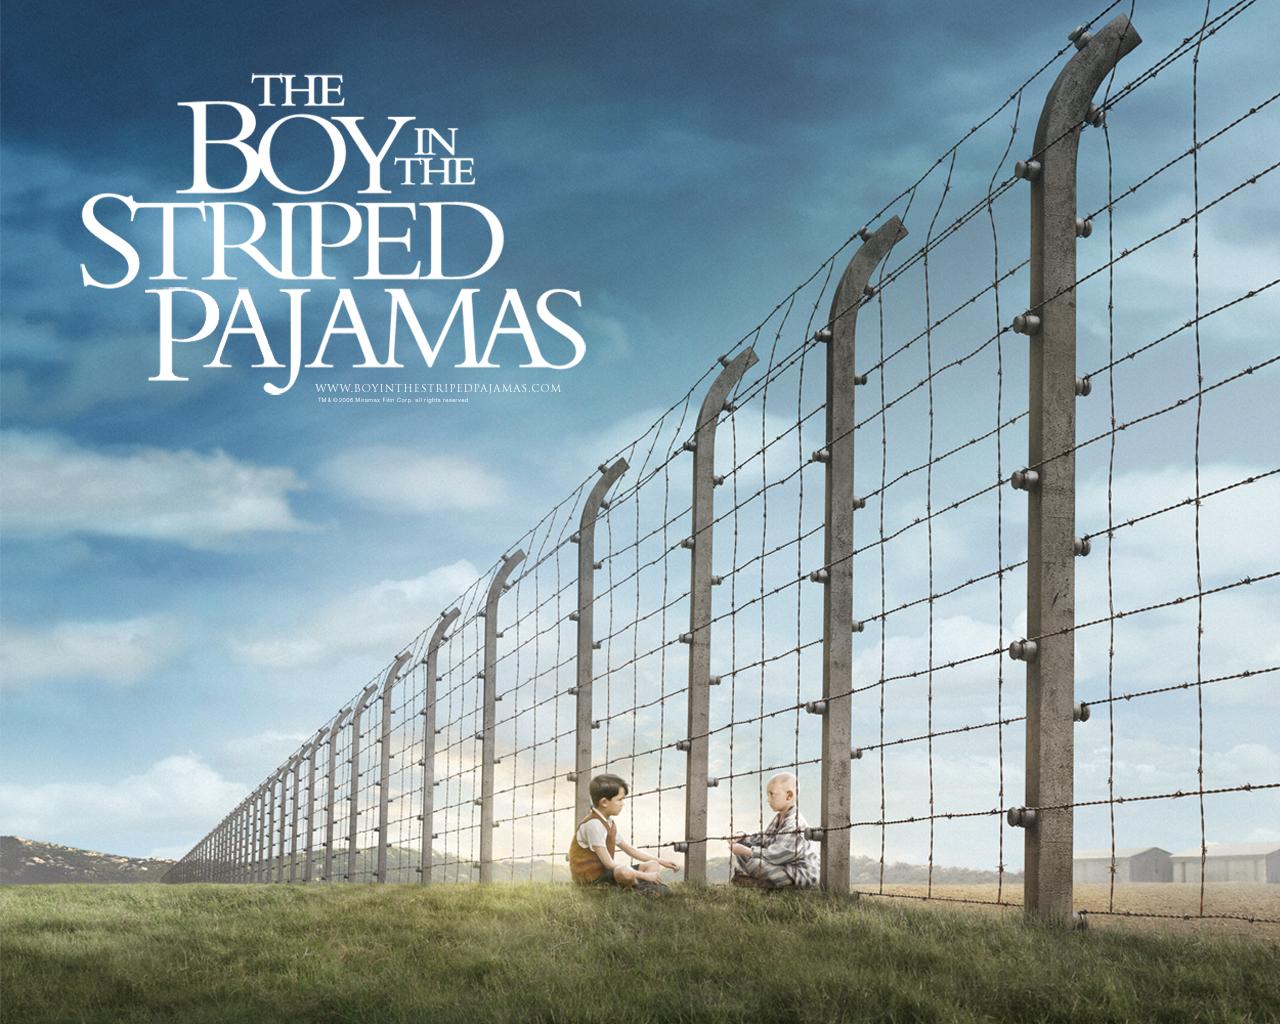 http://1.bp.blogspot.com/-dy51RfKIoT0/TbhG73BsM6I/AAAAAAAAABE/x_HsHRbyot4/s1600/Asa_Butterfield_in_The_Boy_in_the_Striped_Pyjamas_Wallpaper_1_800.jpg